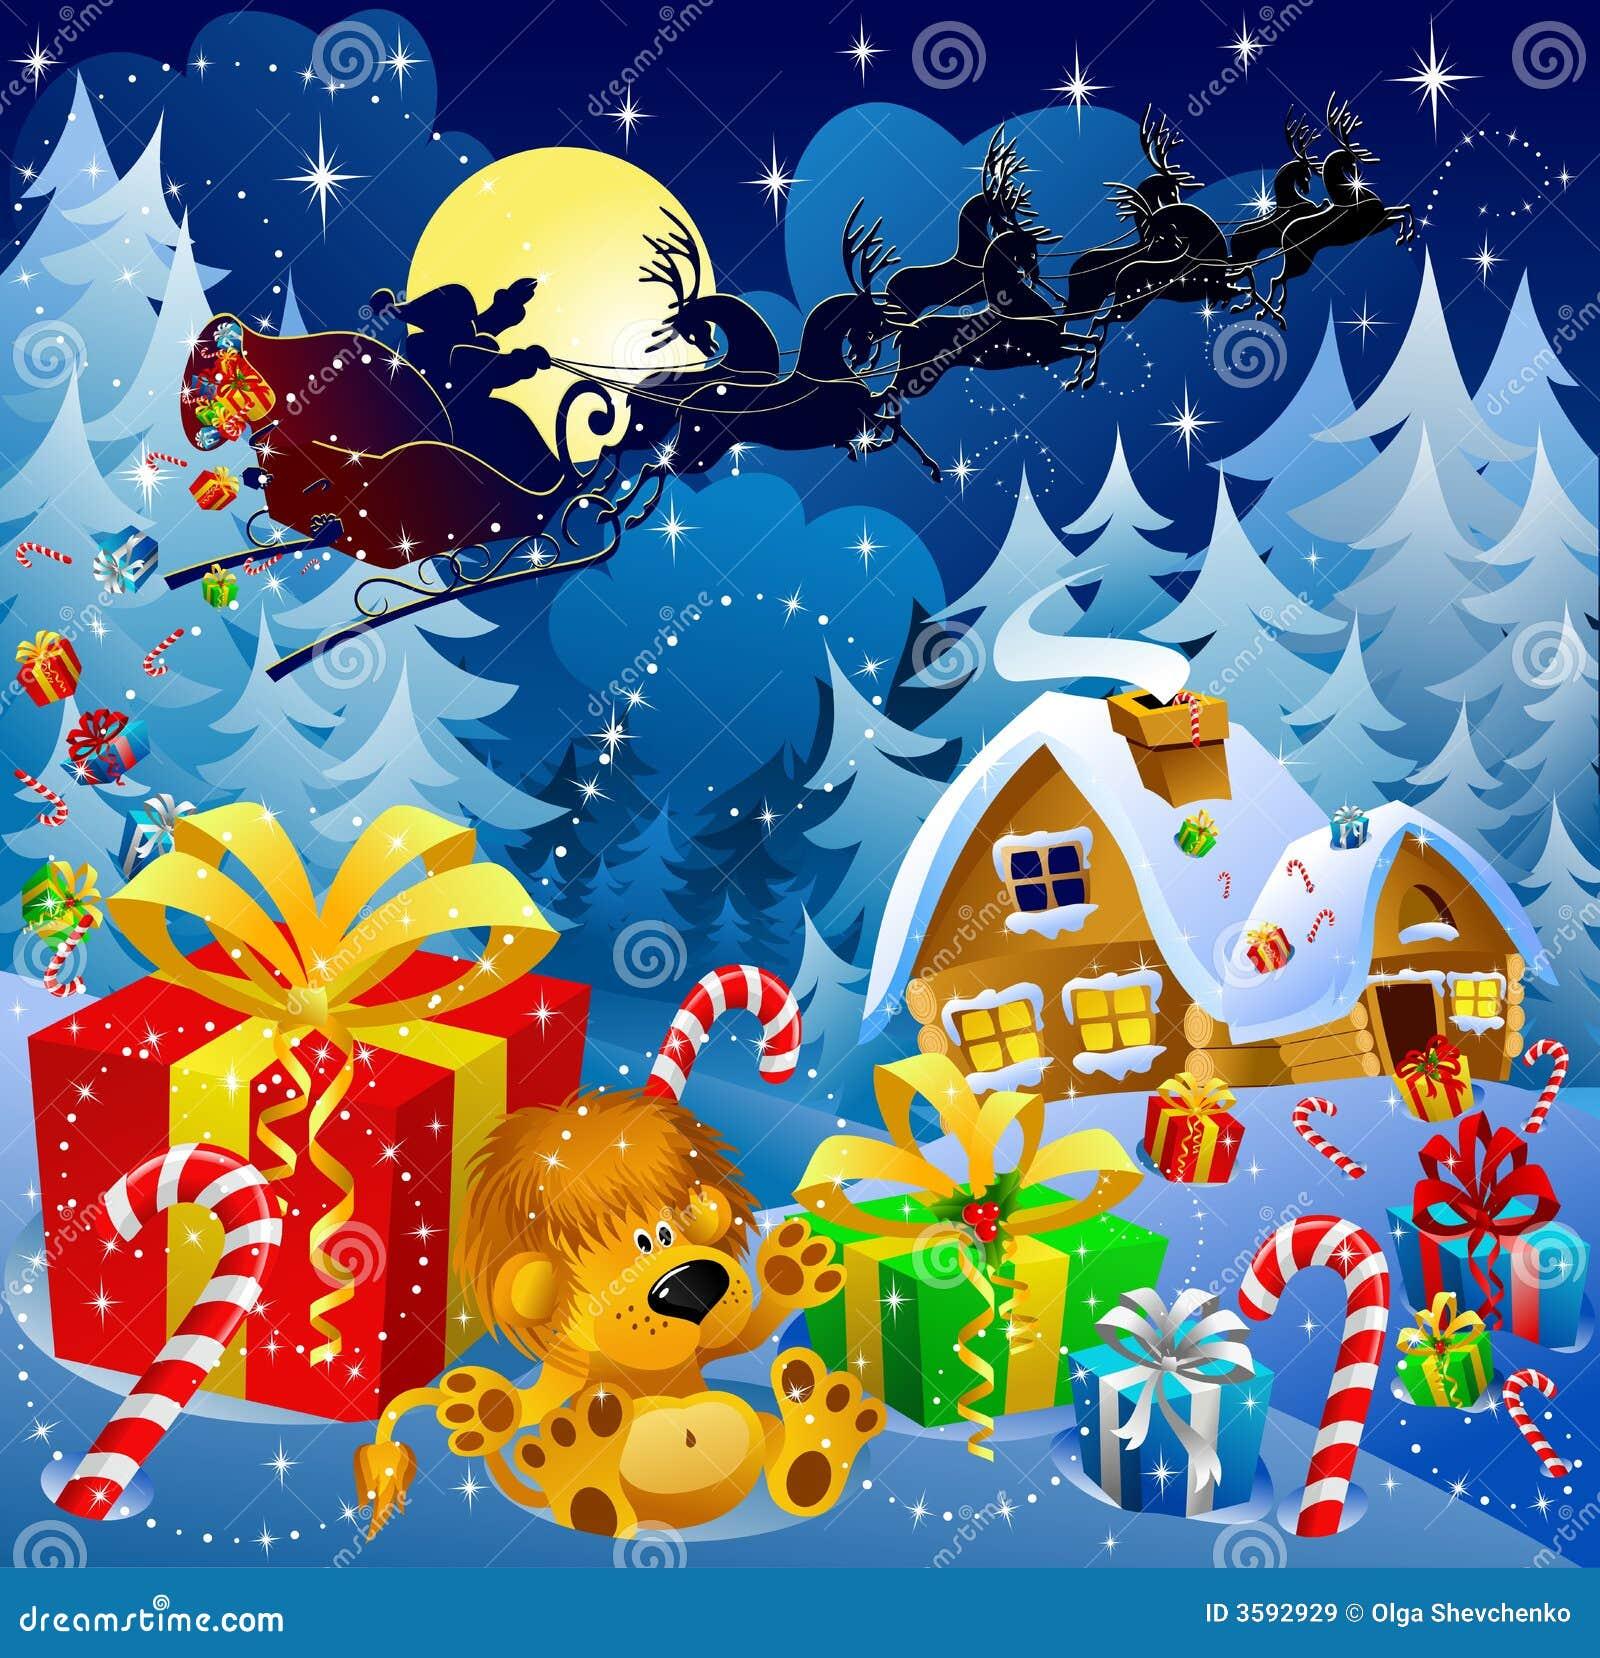 La Notte Di Natale.Magia Di Notte Di Natale Illustrazione Di Stock